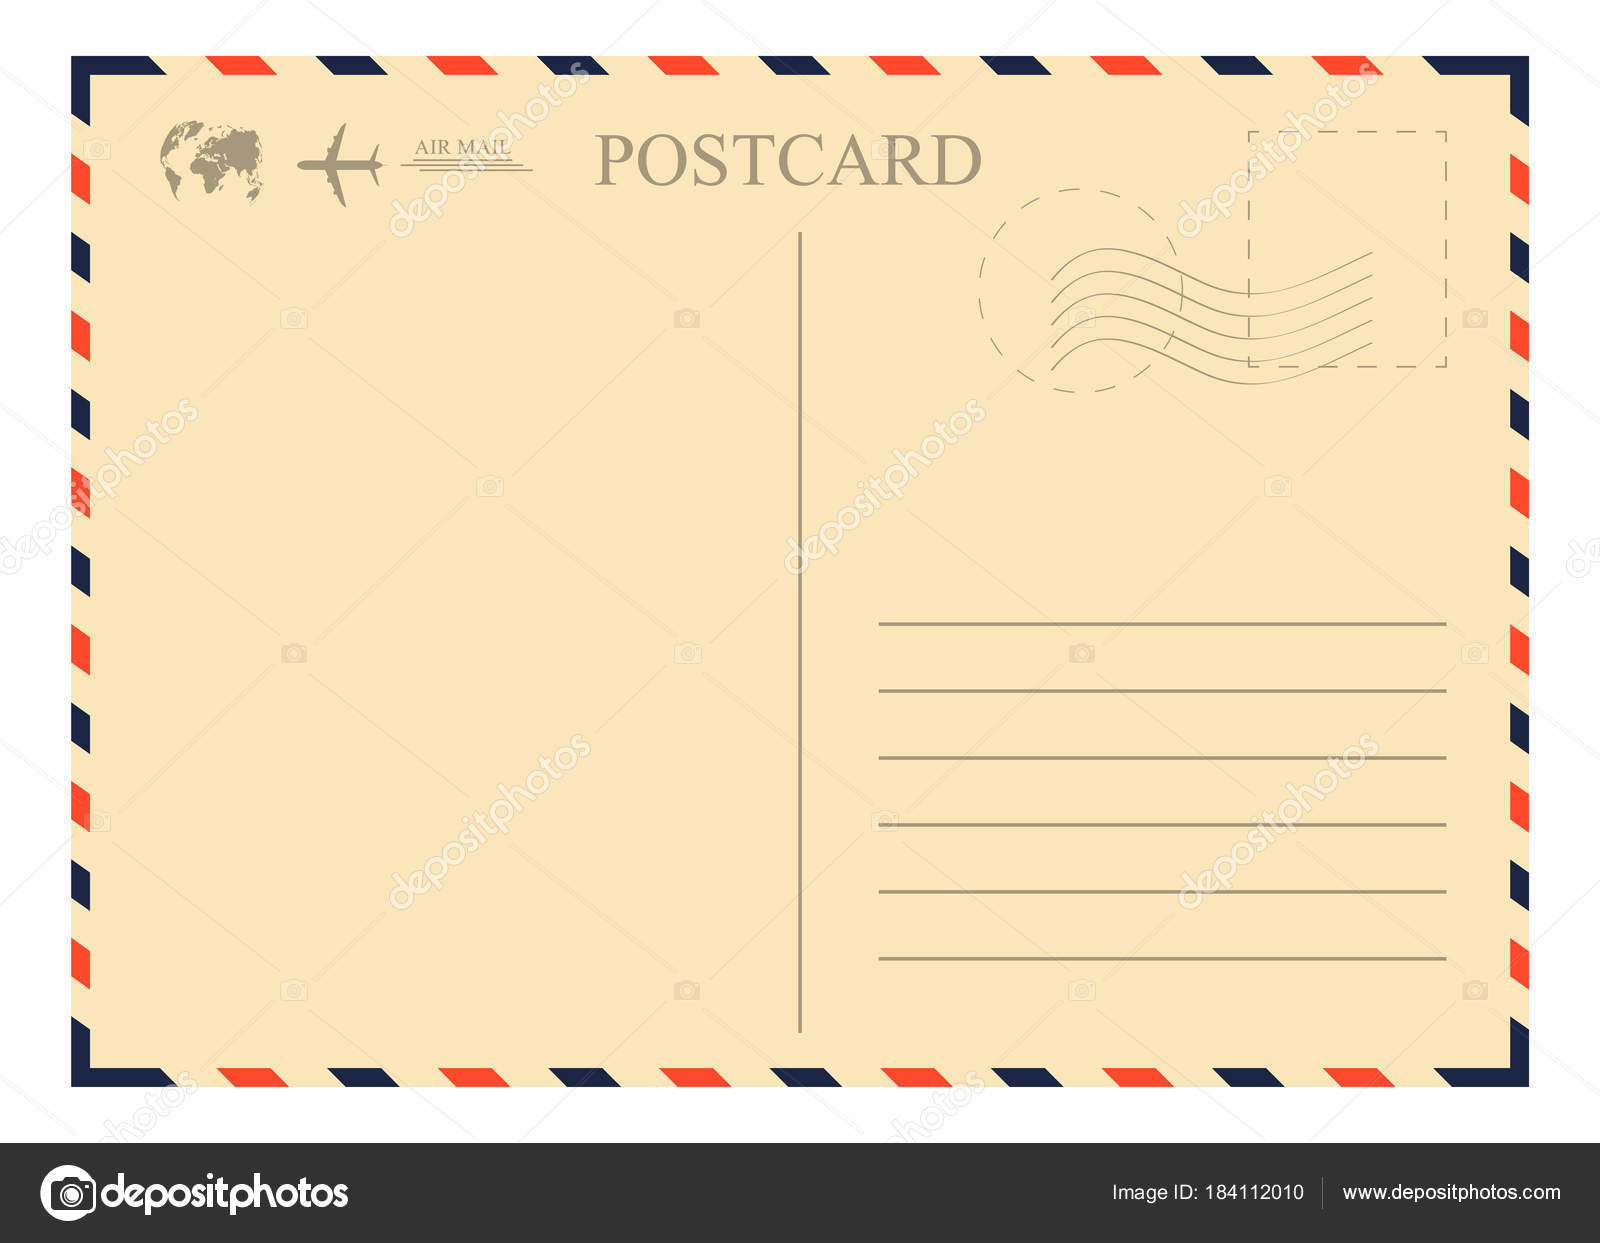 Alte Ansichtskarte Vorlage. Retro-Luftpost Umschlag mit Briefmarke ...